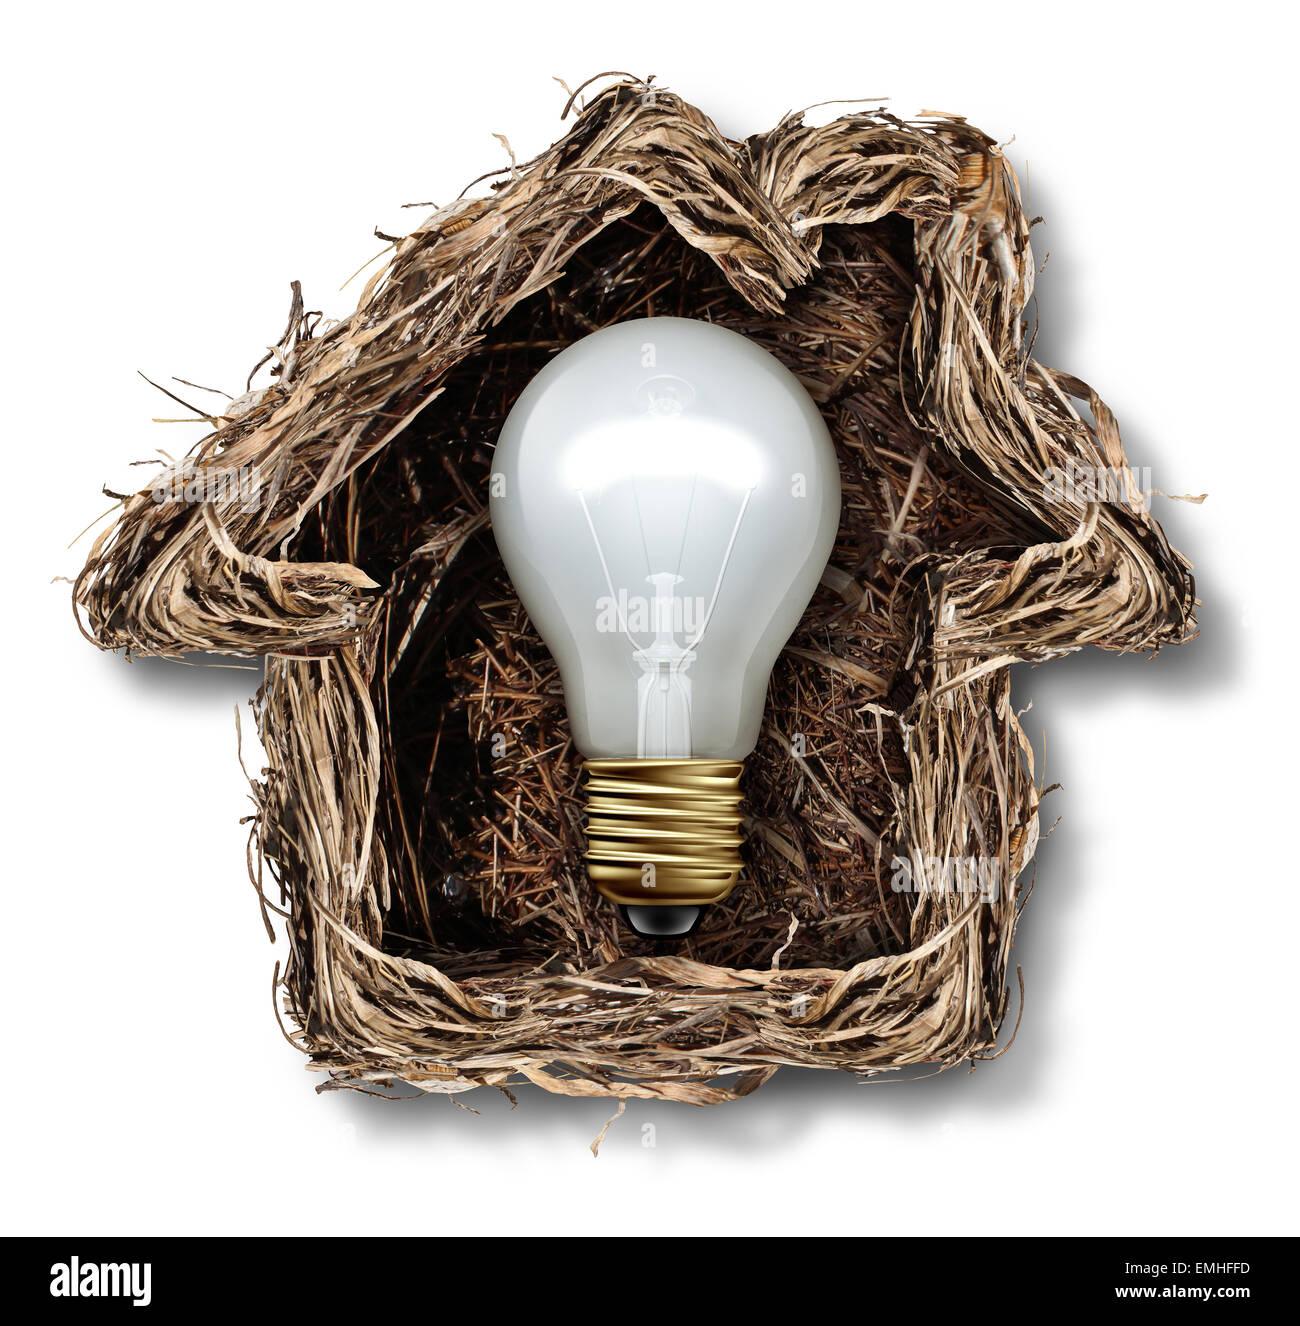 Idee per la casa e la soluzione di casa simbolo come un nido di uccelli conformata come una residenza di famiglia Immagini Stock